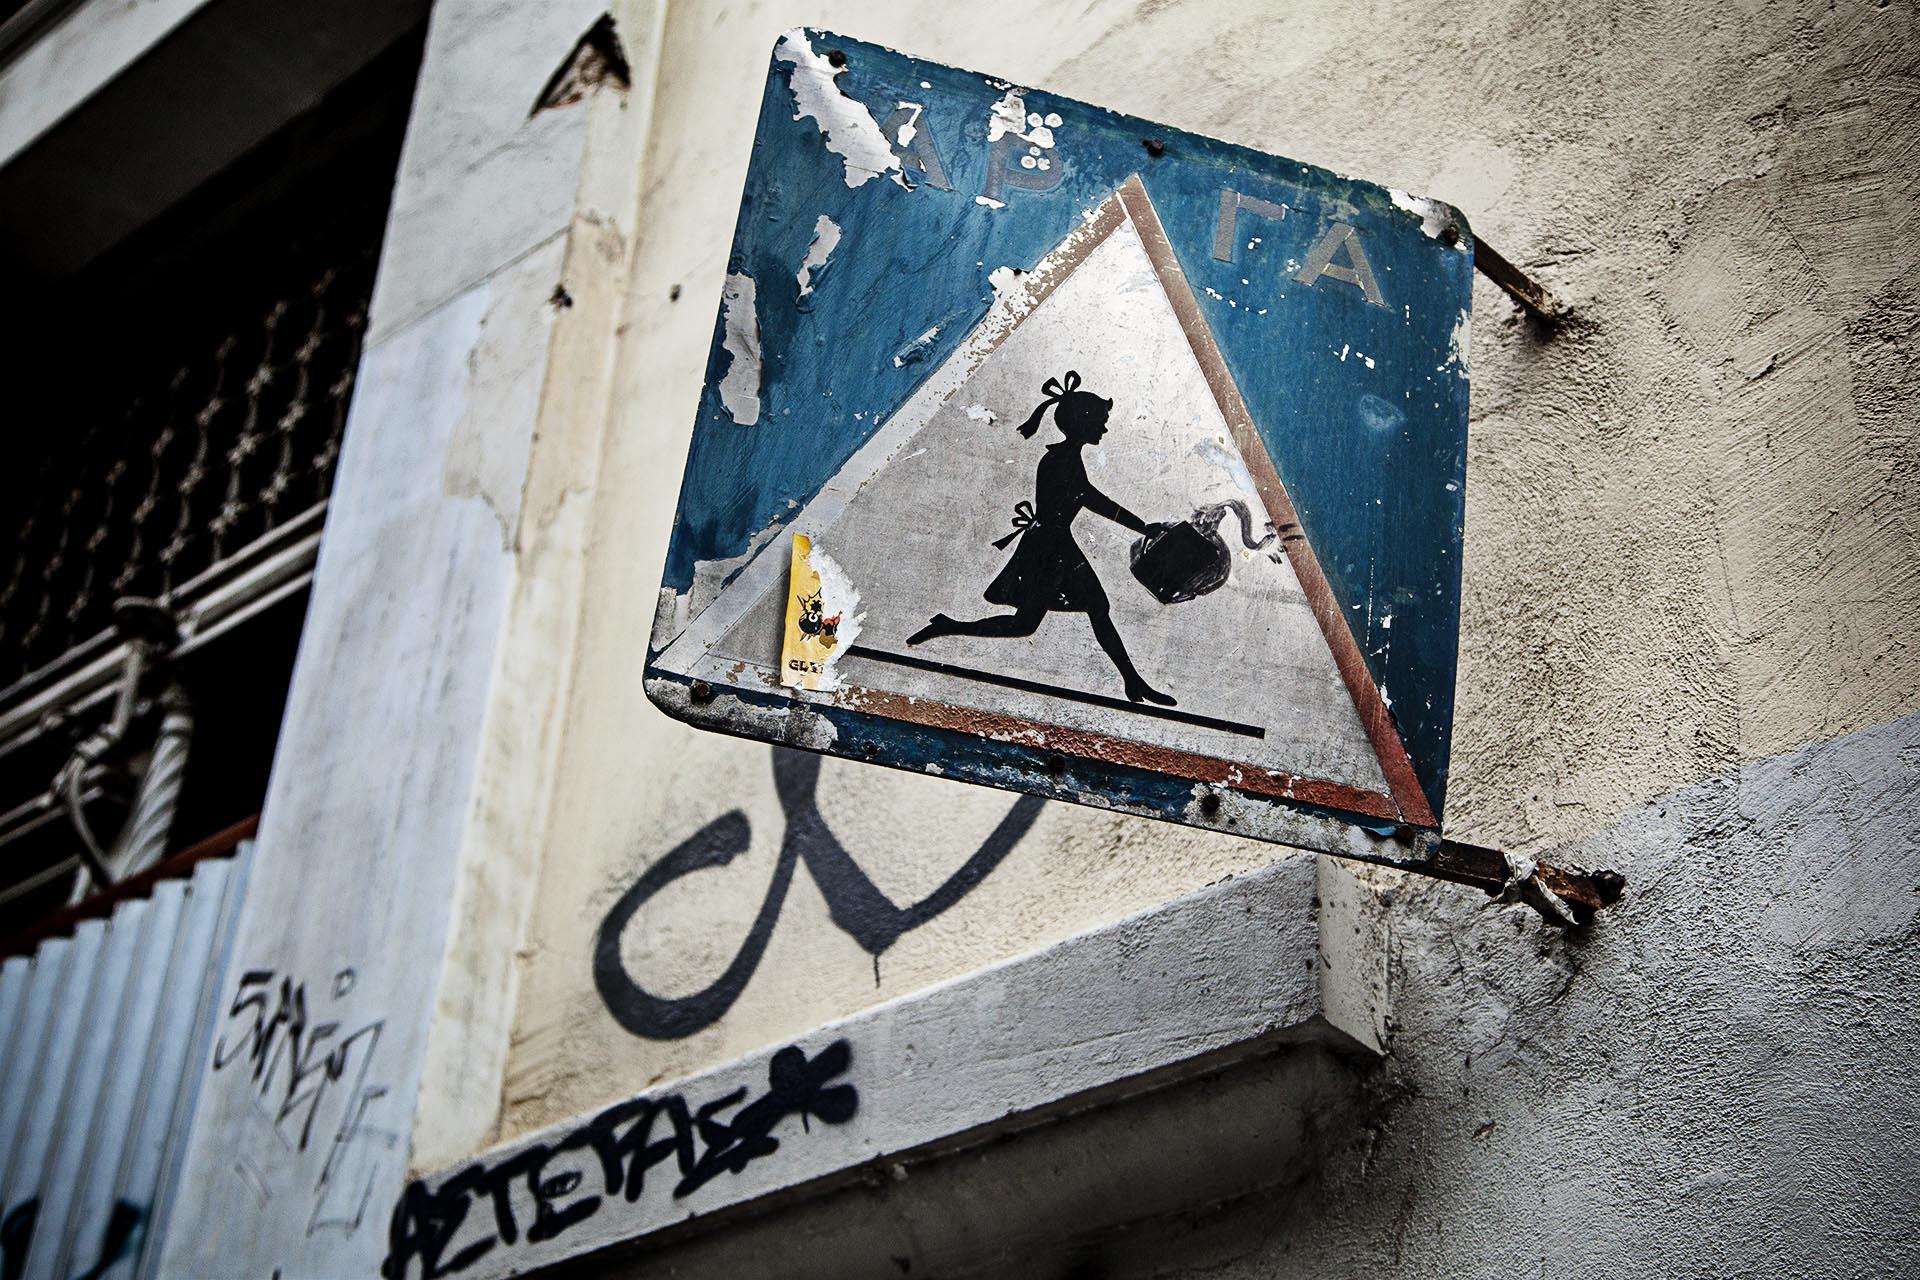 El arte urbano inunda Atenas